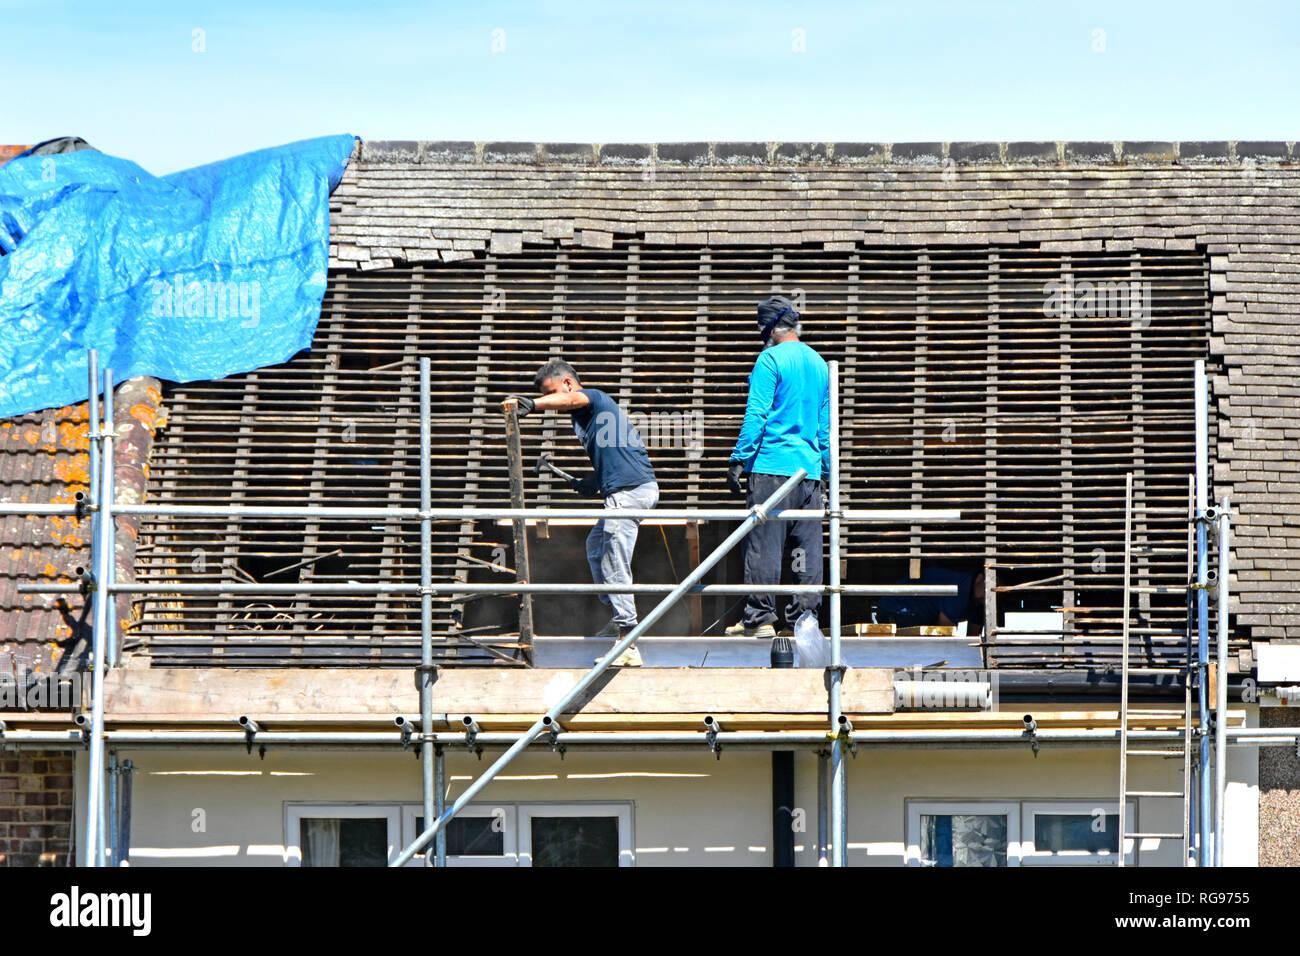 Los trabajadores en los andamios generador de extracción de madera y azulejos de techo en preparación para nuevos dormer habitación ático en el desván de la casa adosada Romford East London UK Imagen De Stock